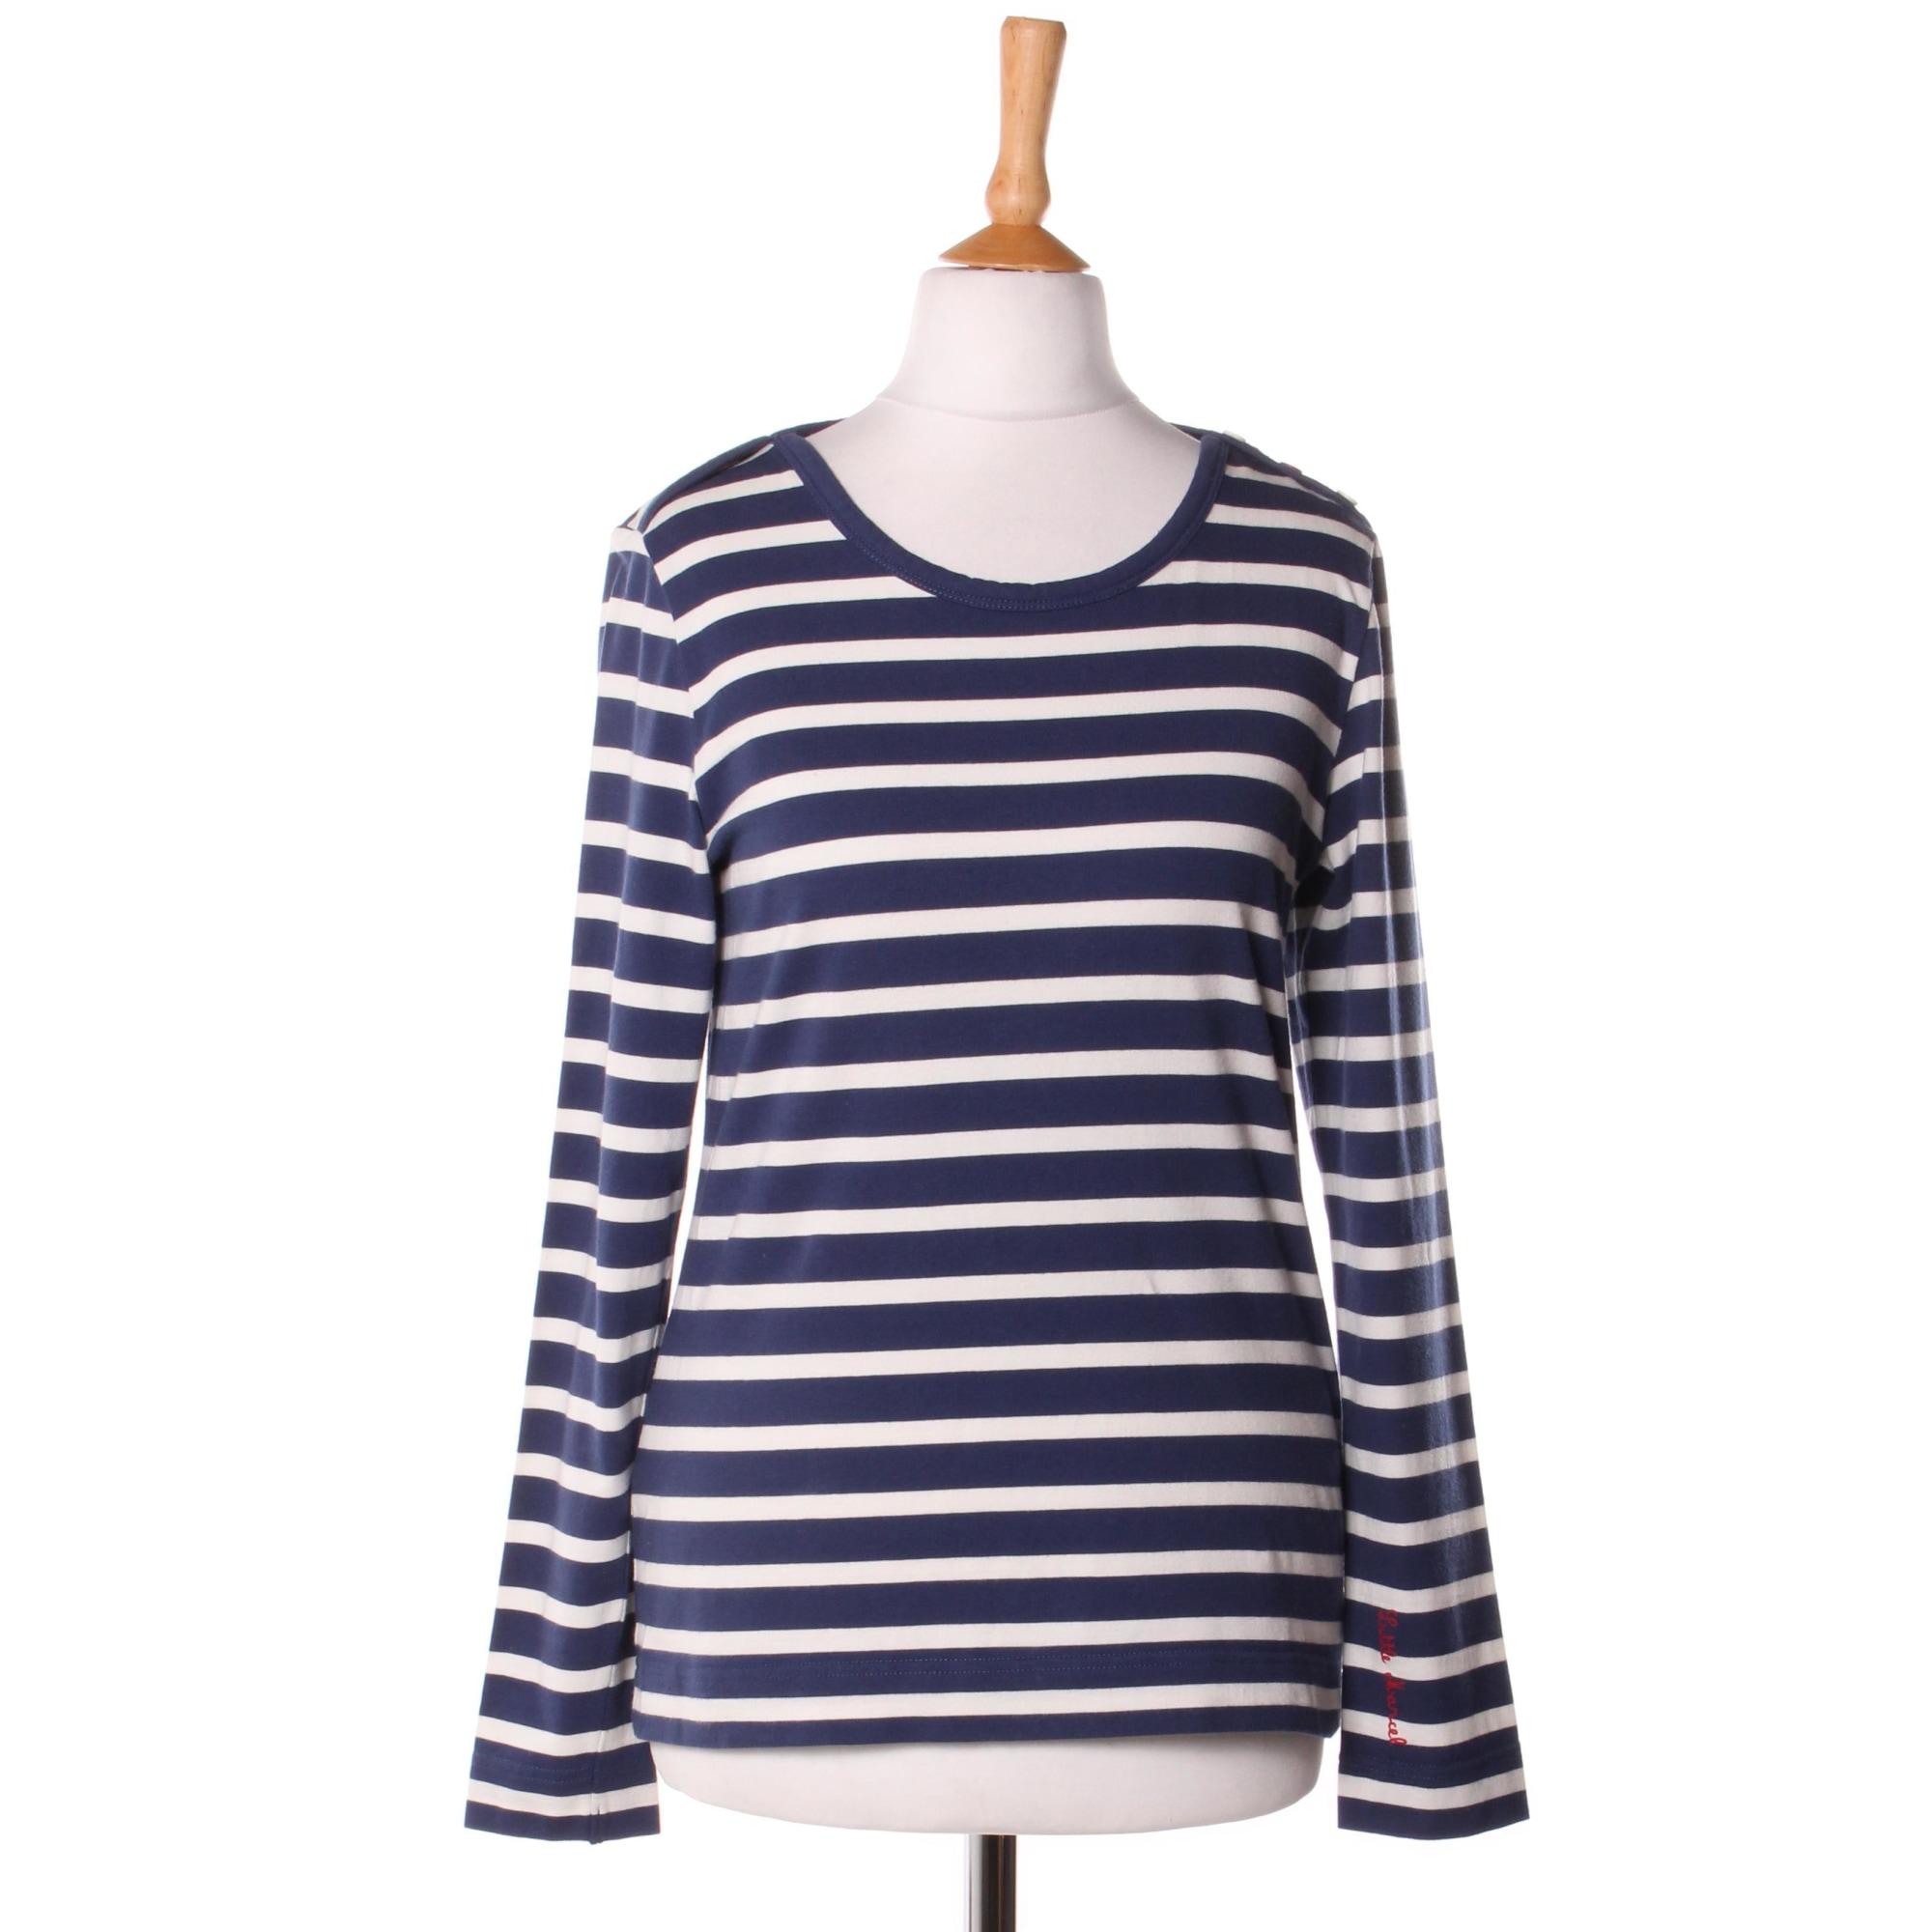 Top, tee-shirt LITTLE MARCEL Bleu, bleu marine, bleu turquoise